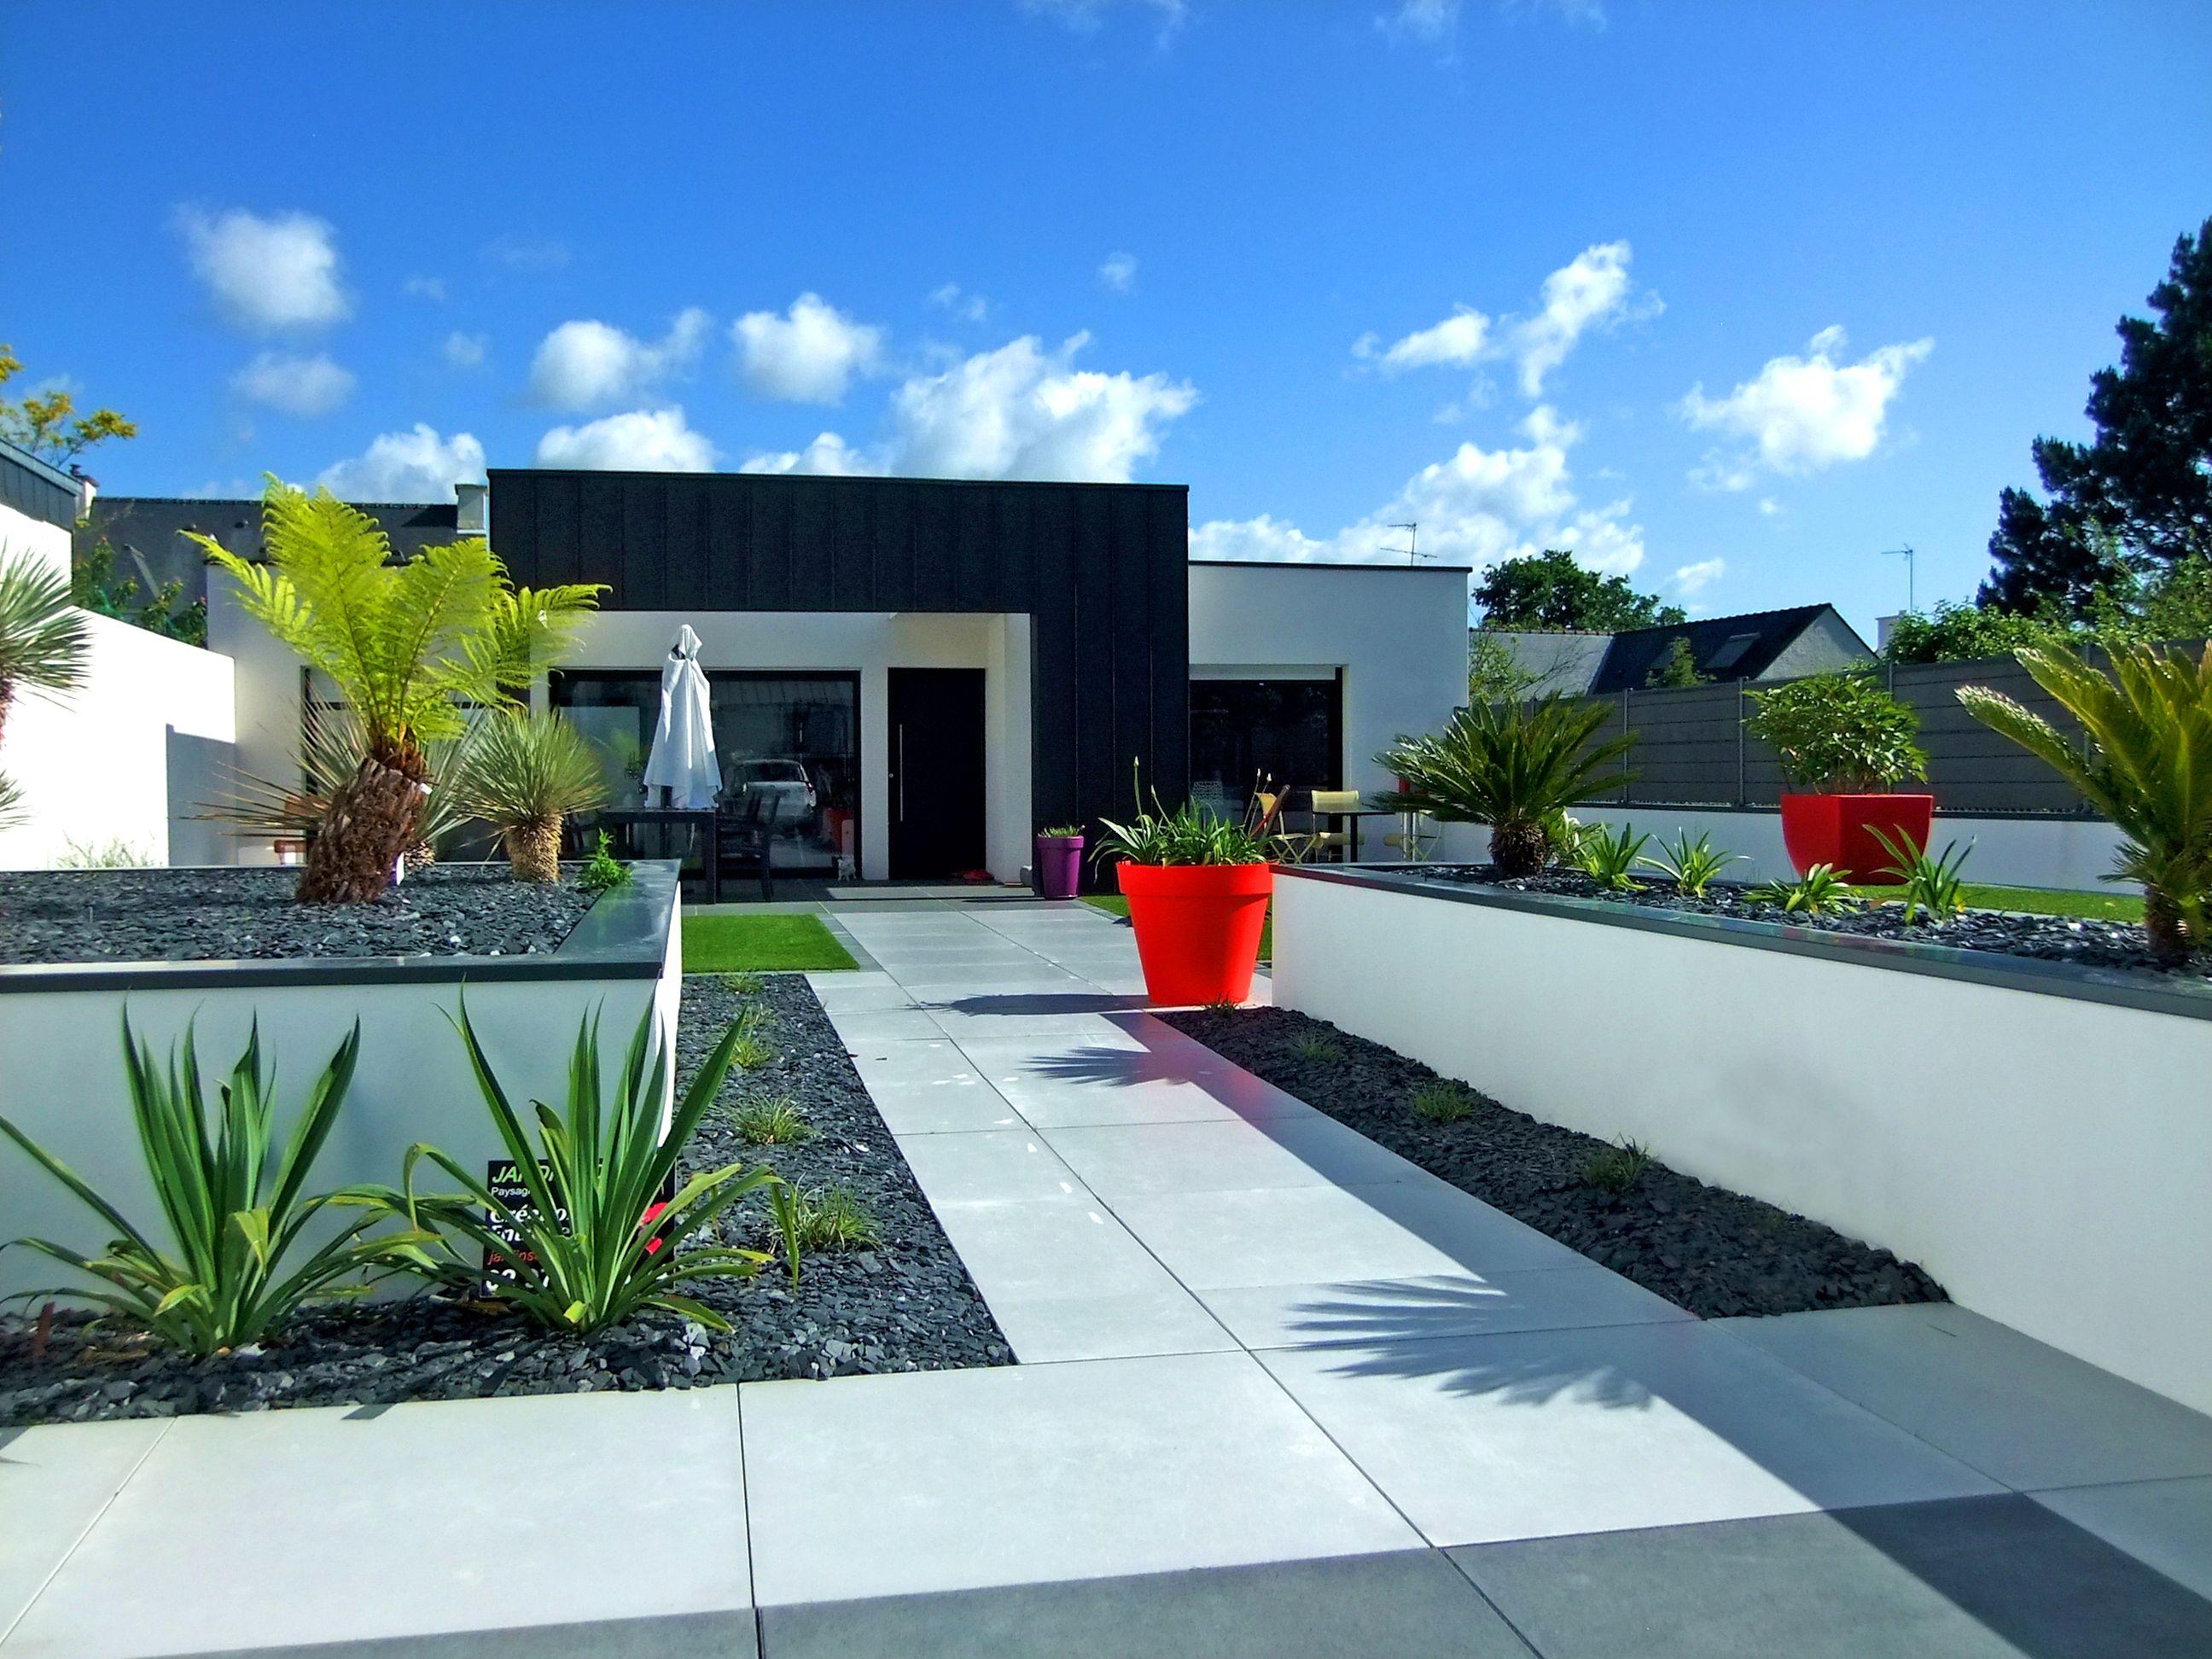 jardin urbain contraste de couleurs paysagiste jardins divers vannes moderne garden dallage. Black Bedroom Furniture Sets. Home Design Ideas